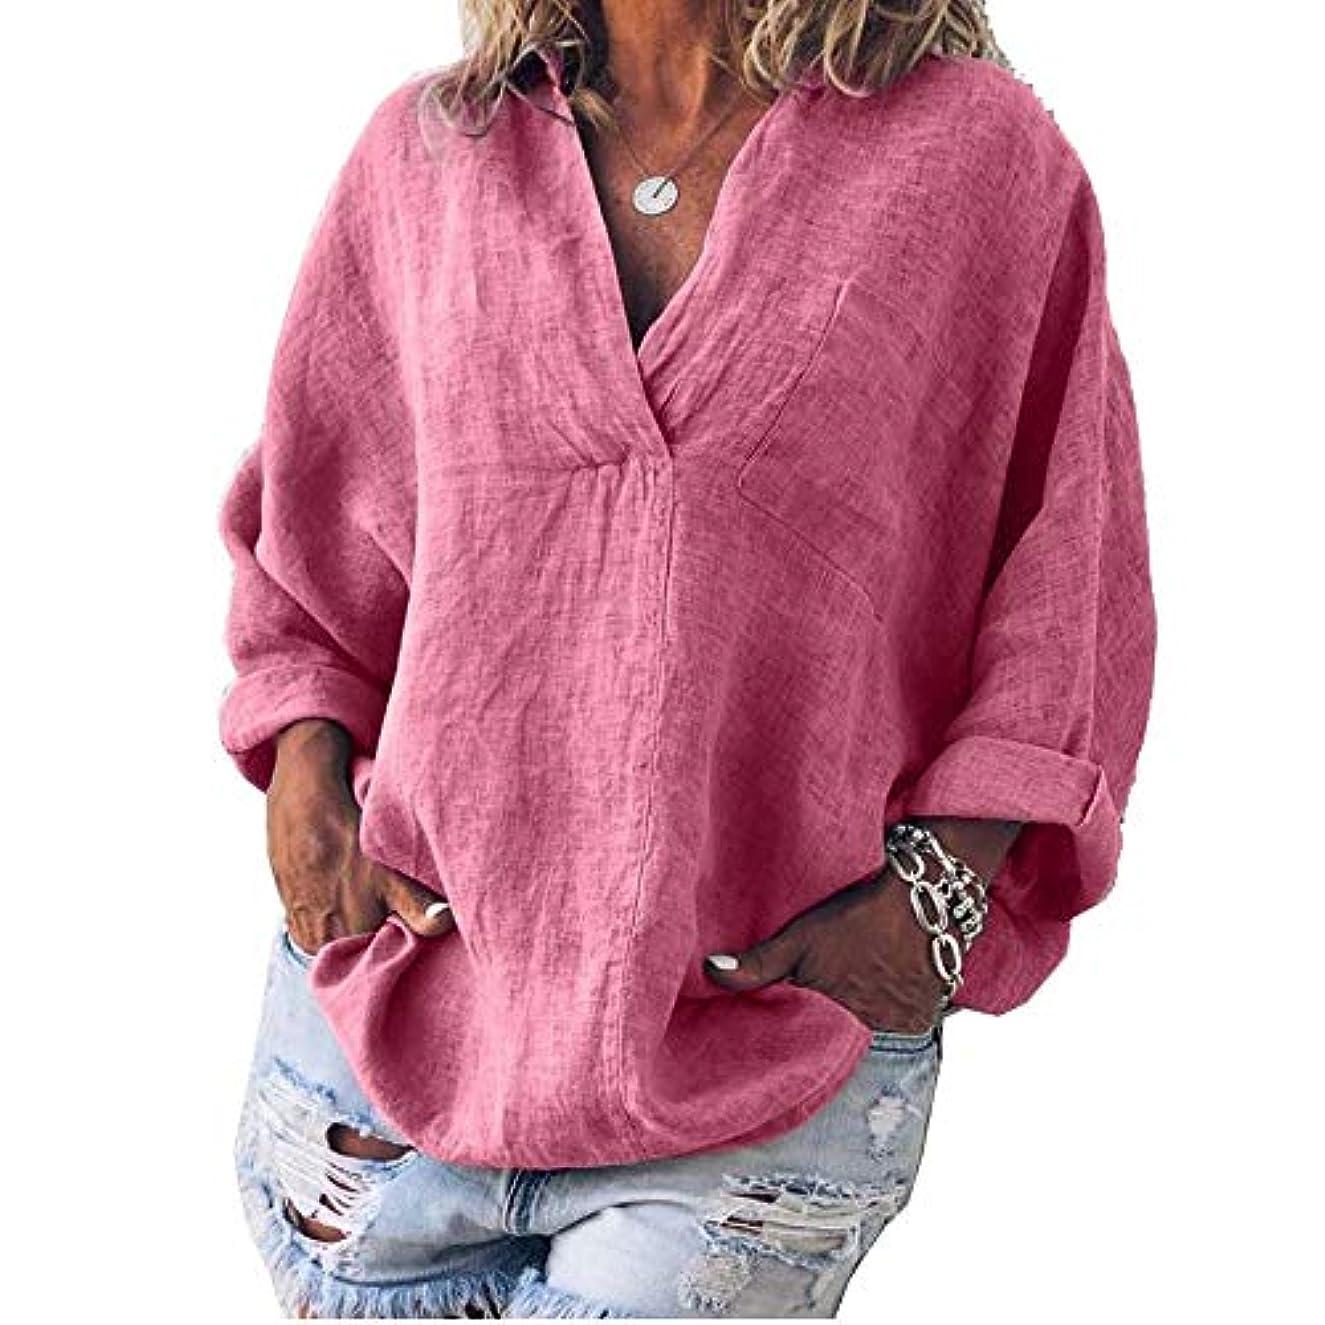 より良い労働漂流MIFAN女性ファッション春夏チュニックトップス深いVネックTシャツ長袖プルオーバールーズリネンブラウス